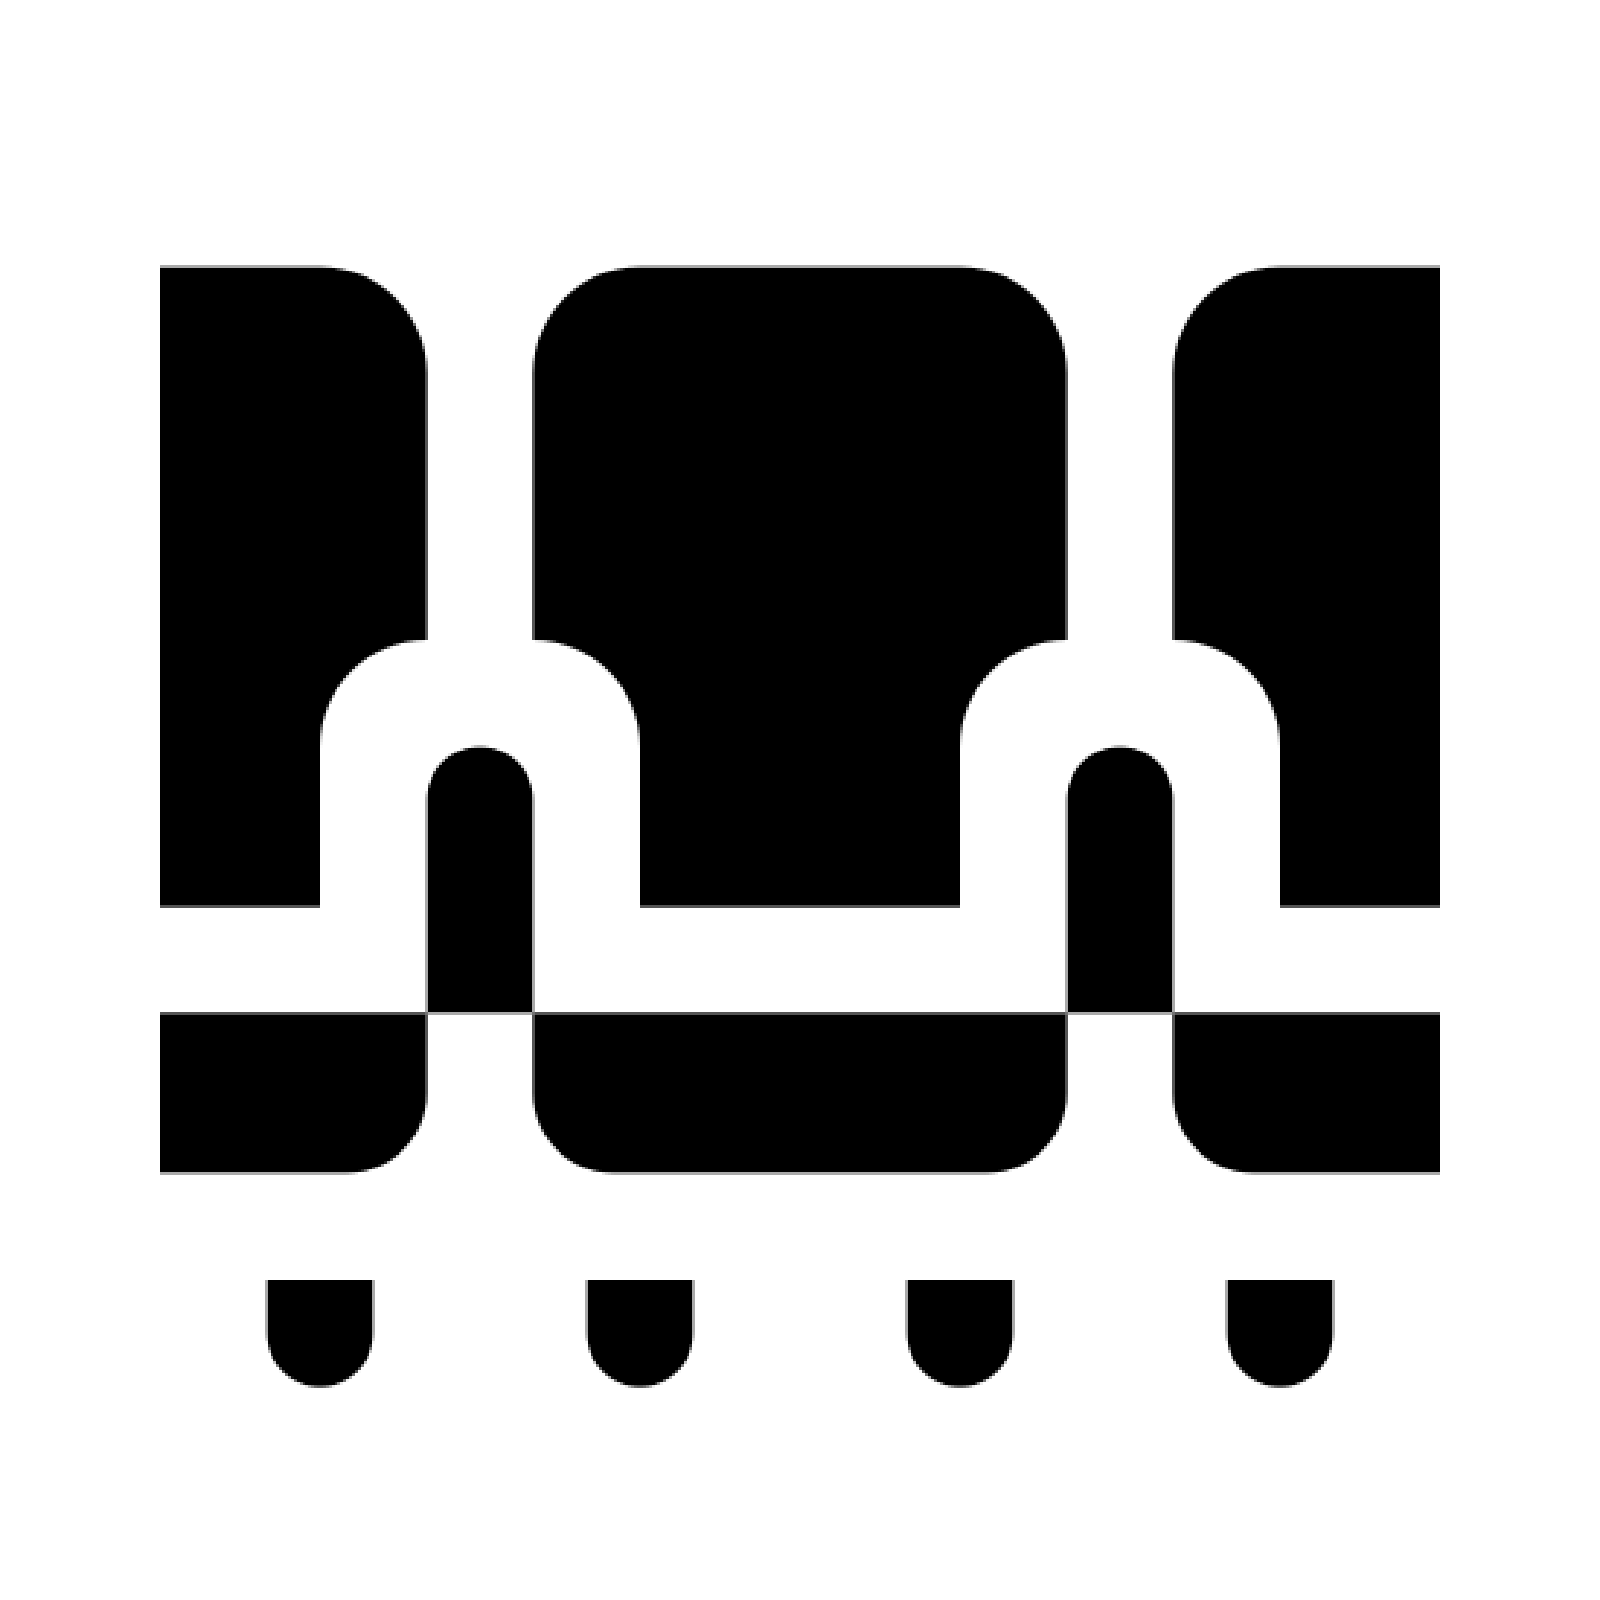 Asiento central del avión icon